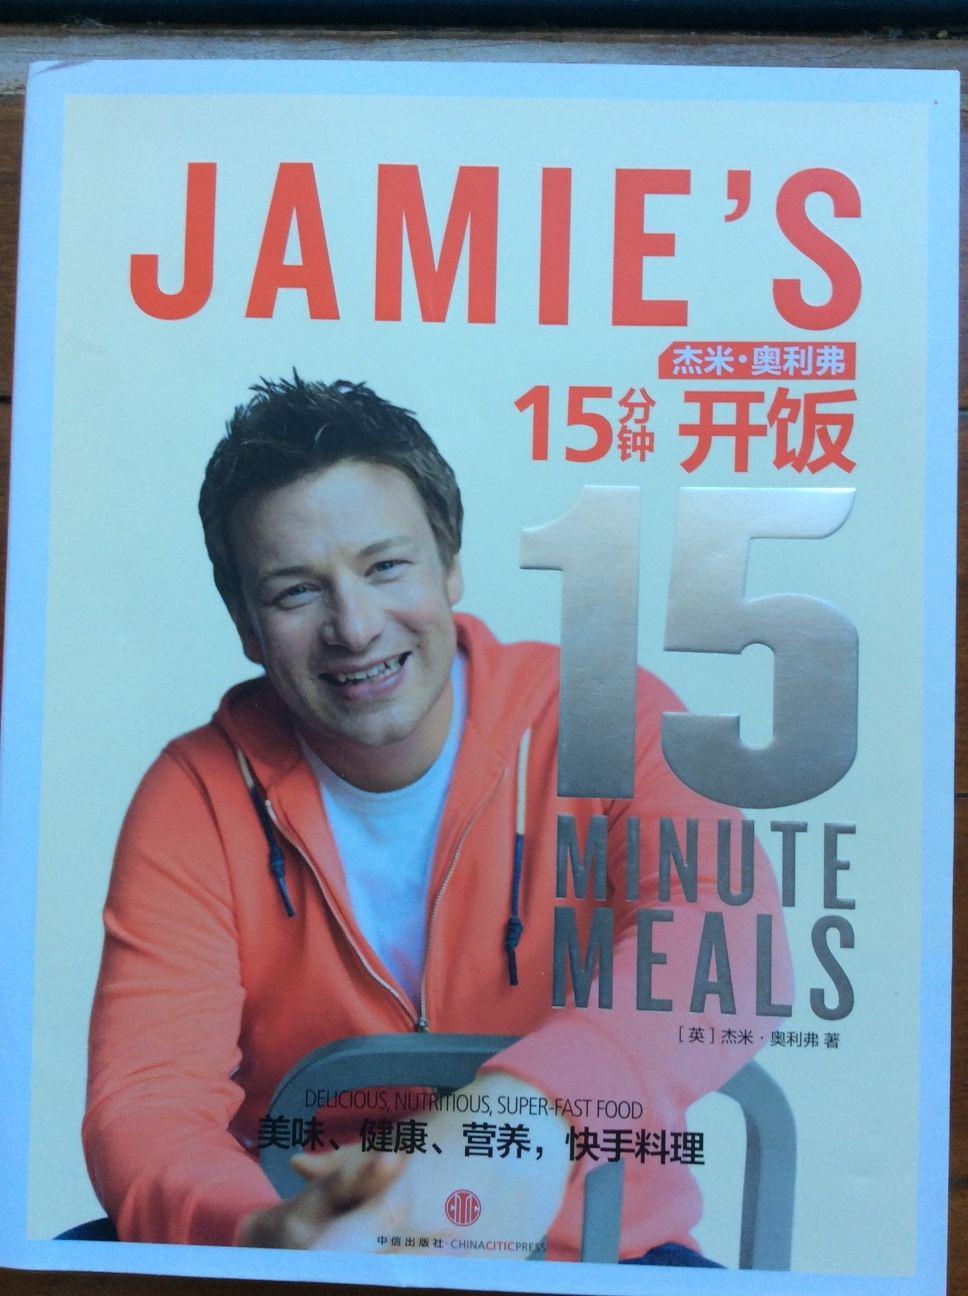 杰米奥利弗 Jamie Oliver | Nepali and Mandarin Motion